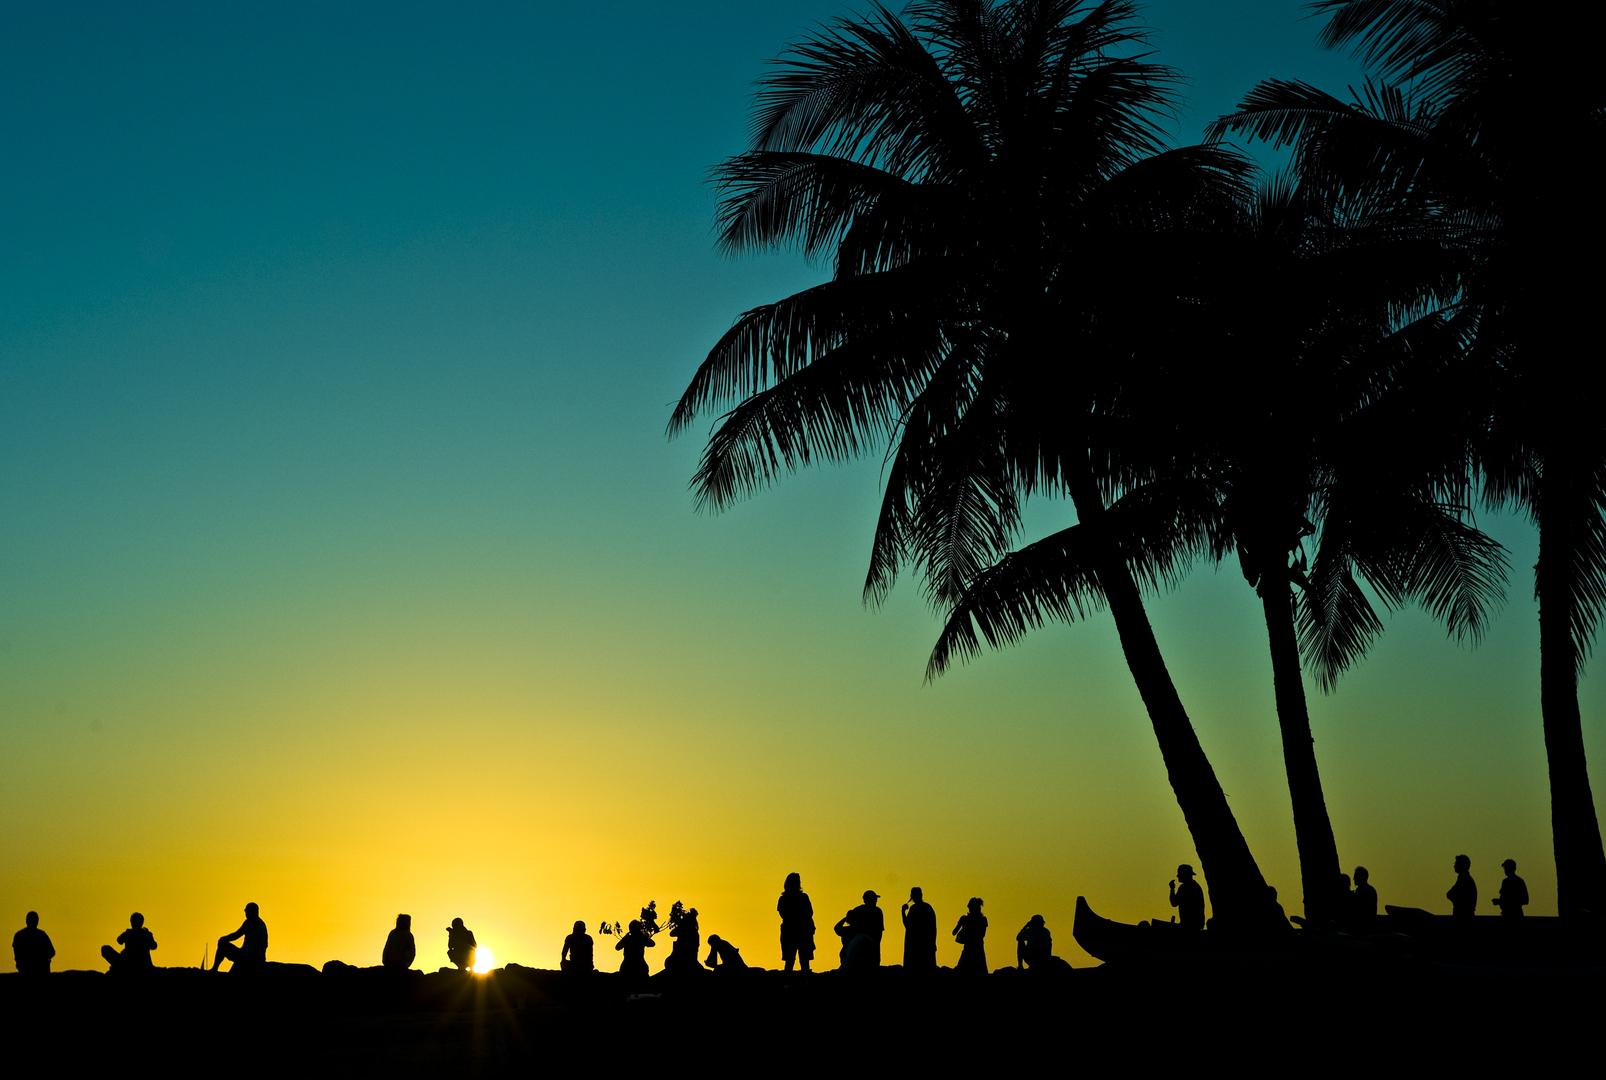 Hawaii, U.S.A. 2009